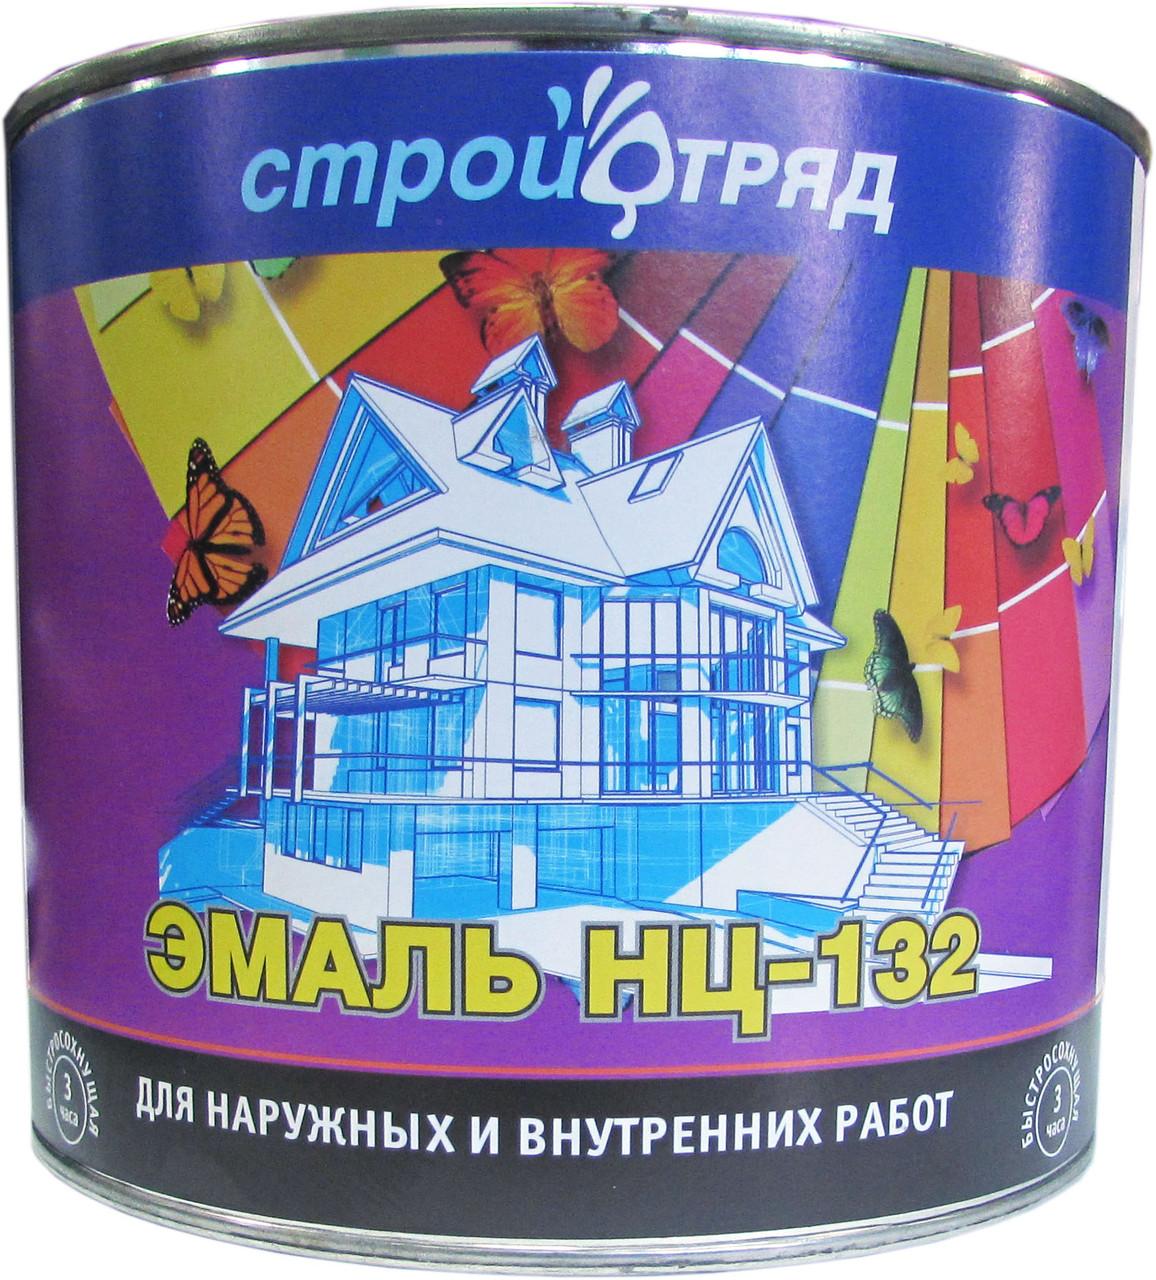 ЭМАЛЬ НЦ-132 зеленая 30 кг